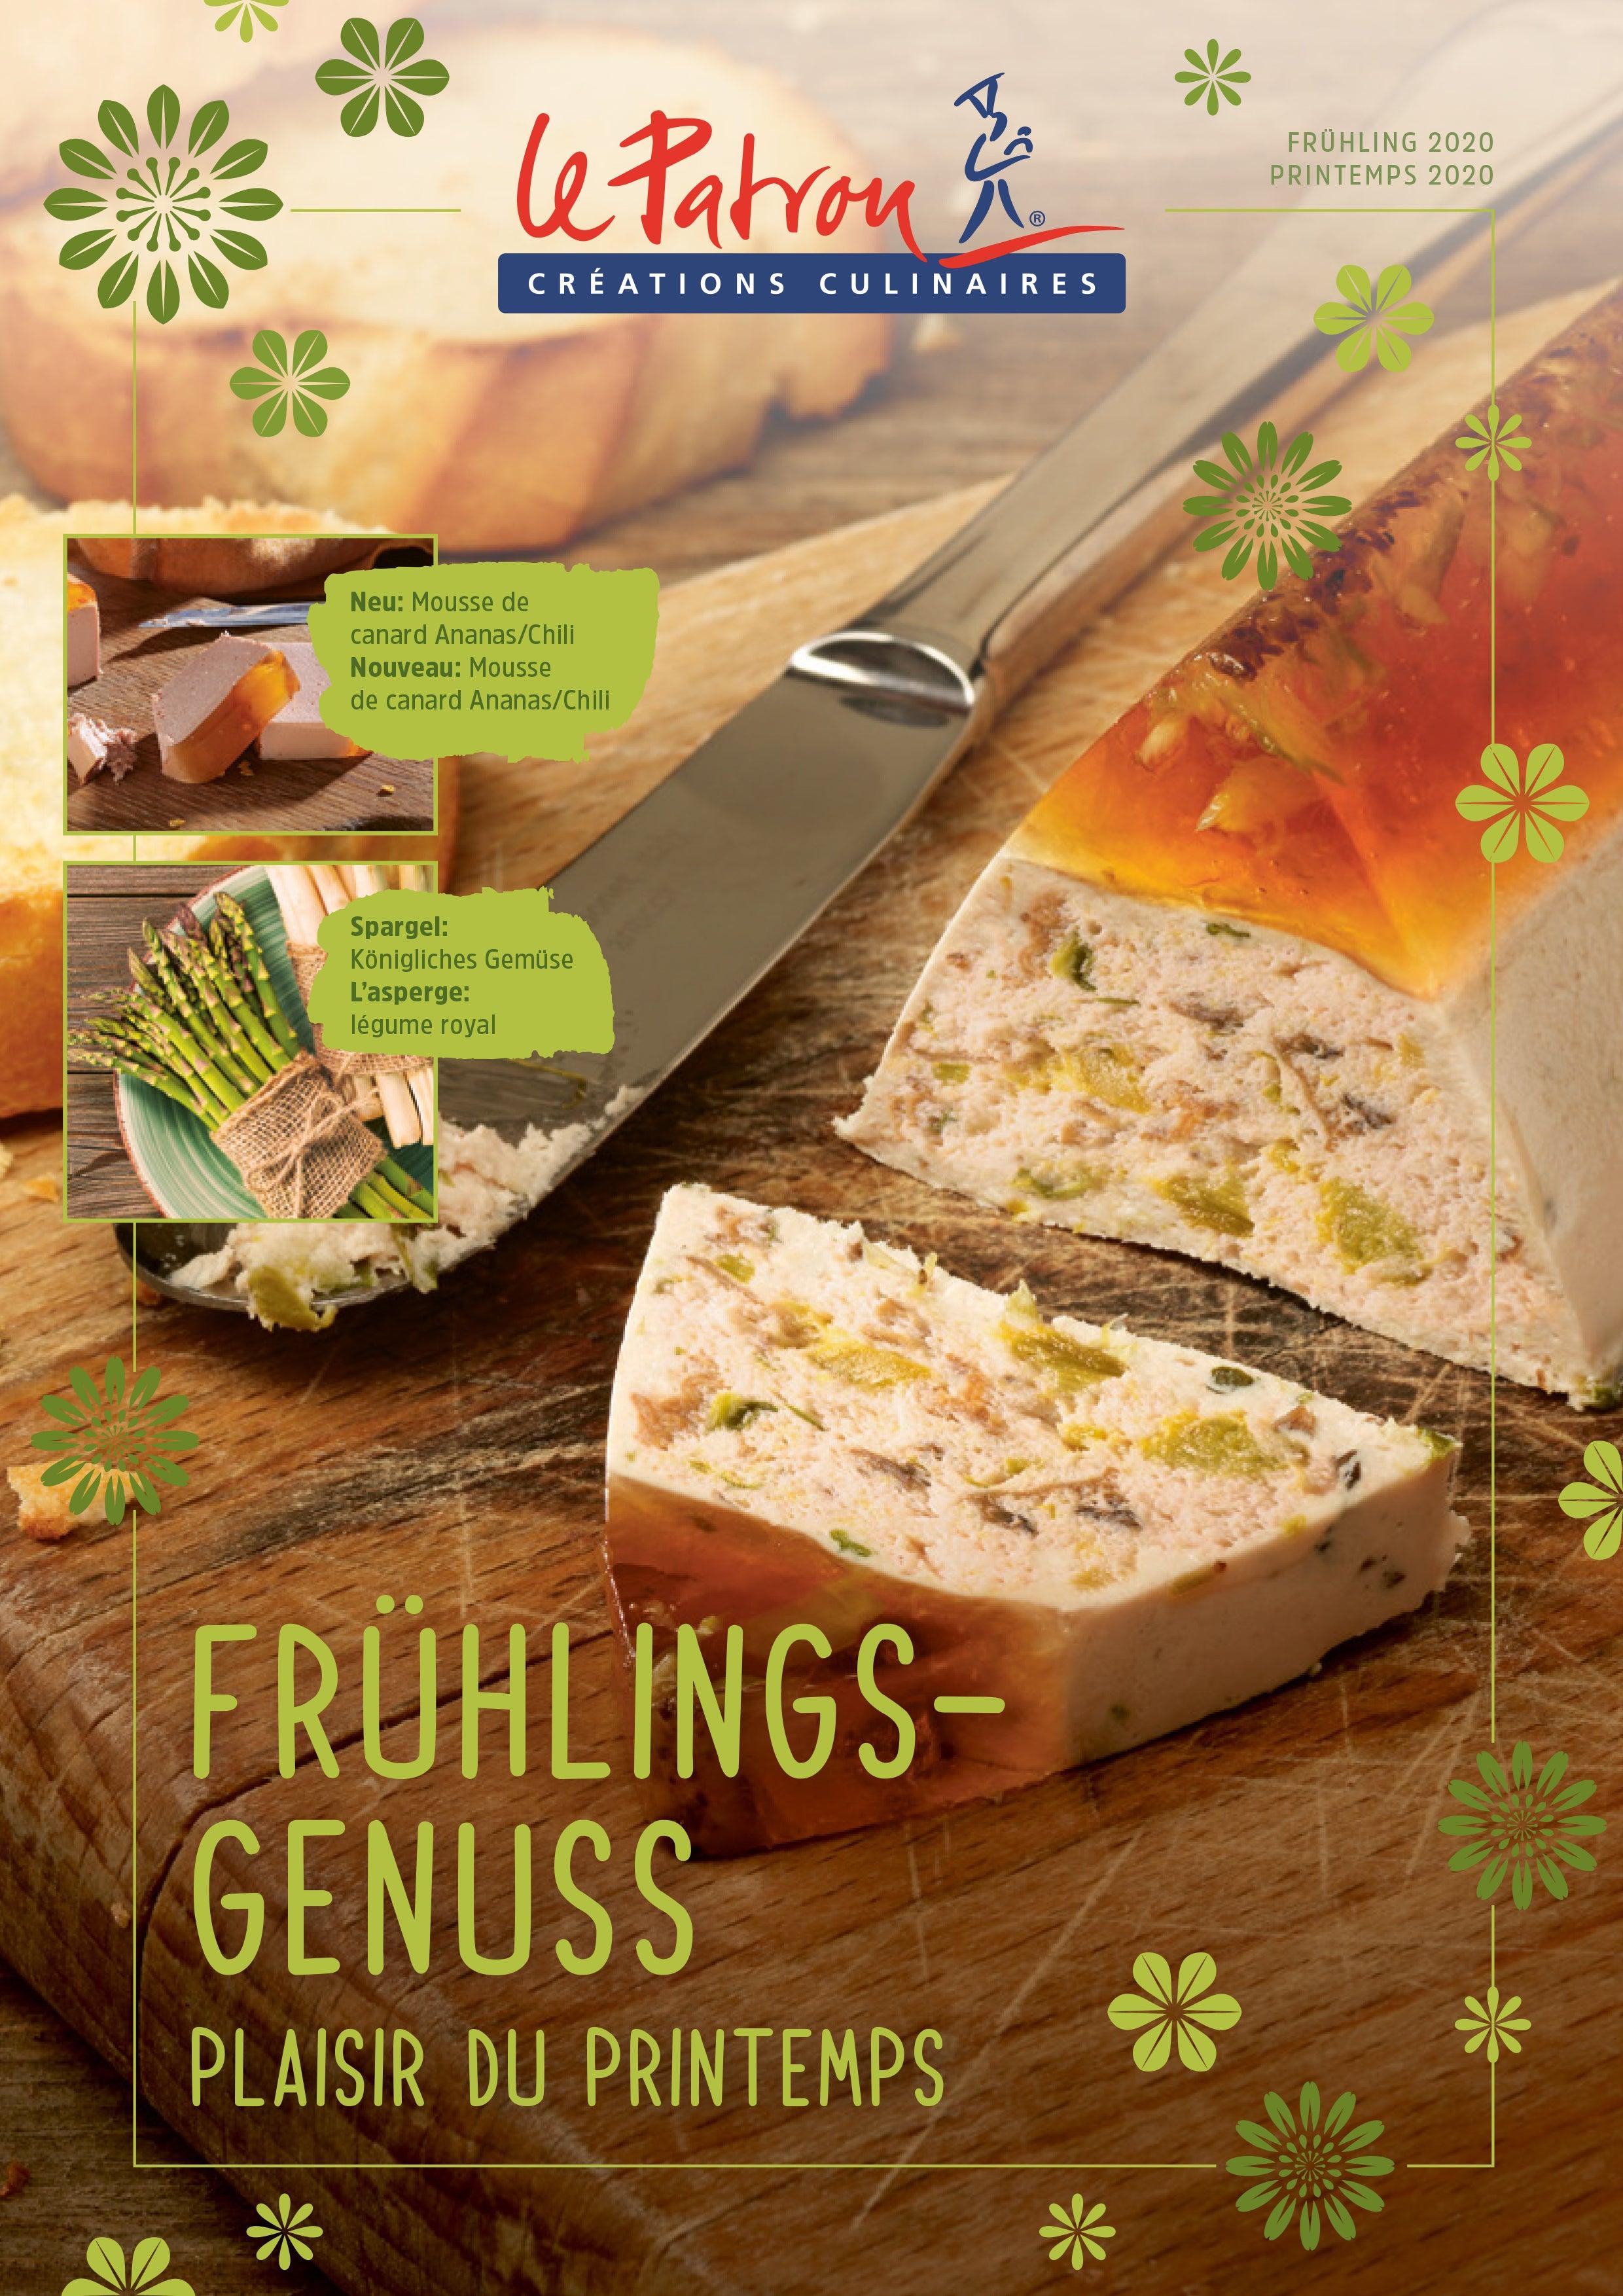 Kulinarische Genüsse aus unserer Manufaktur